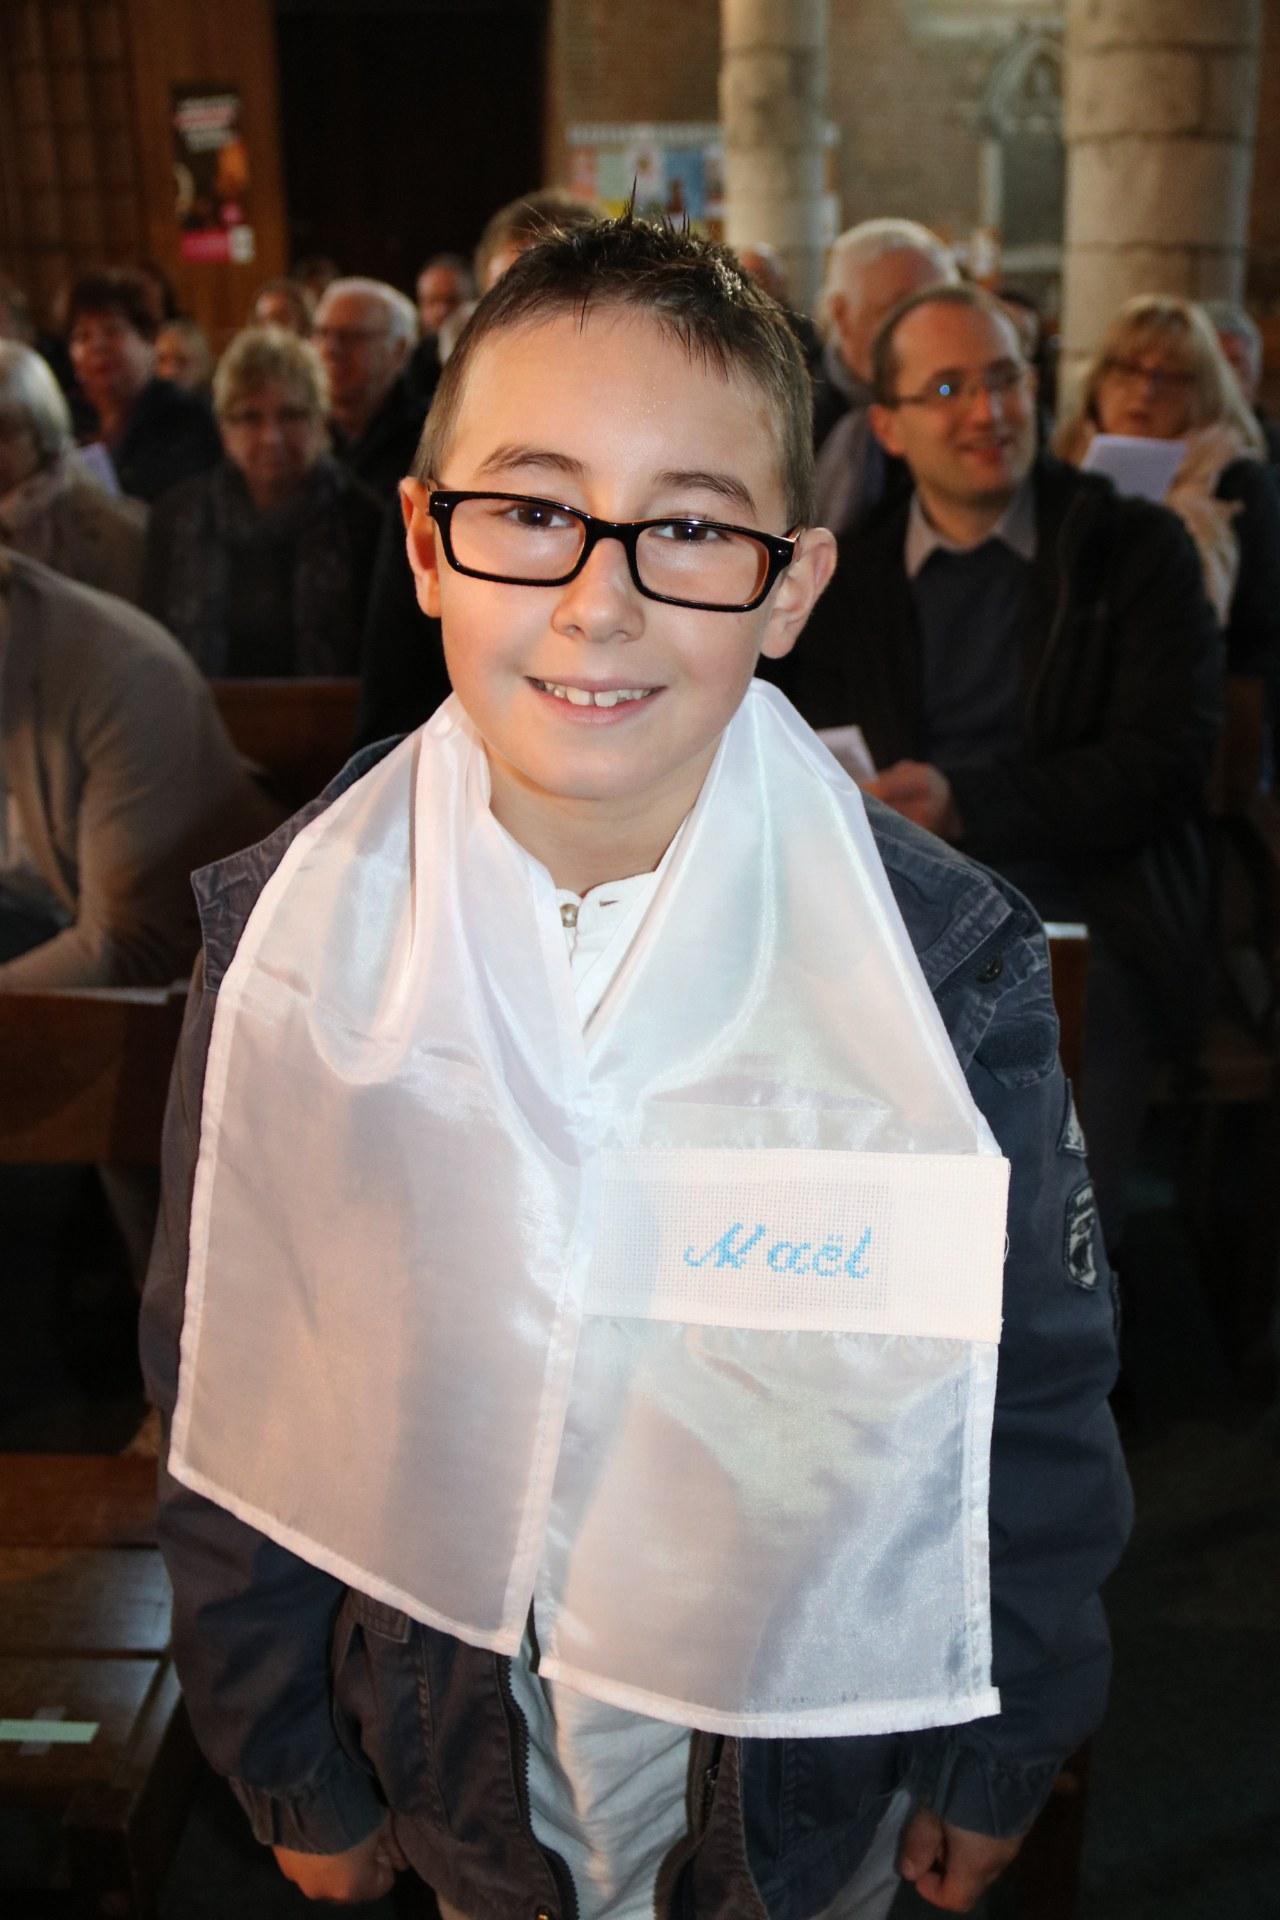 1905_Célébration de baptêmes (7 -12 ans) 103